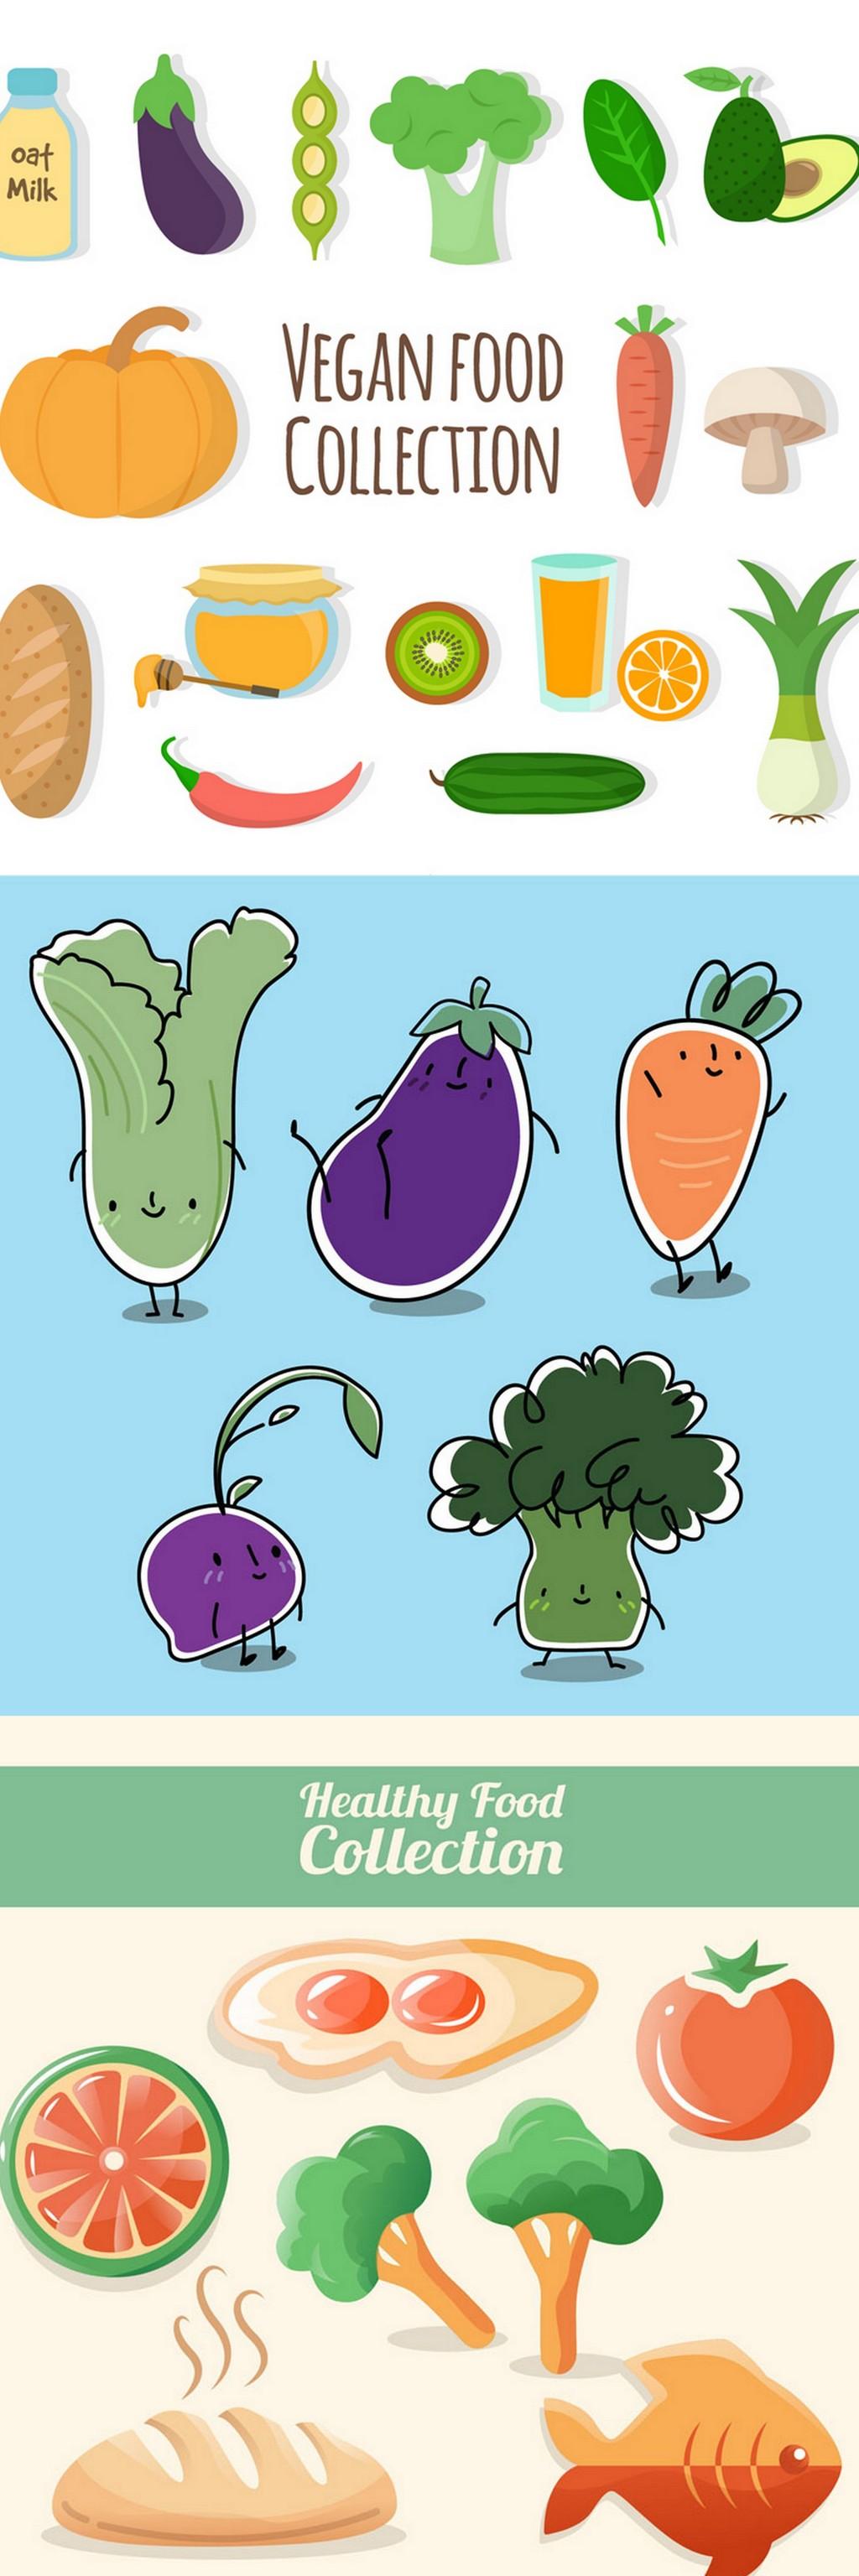 卡通蔬菜                                    卡通食物